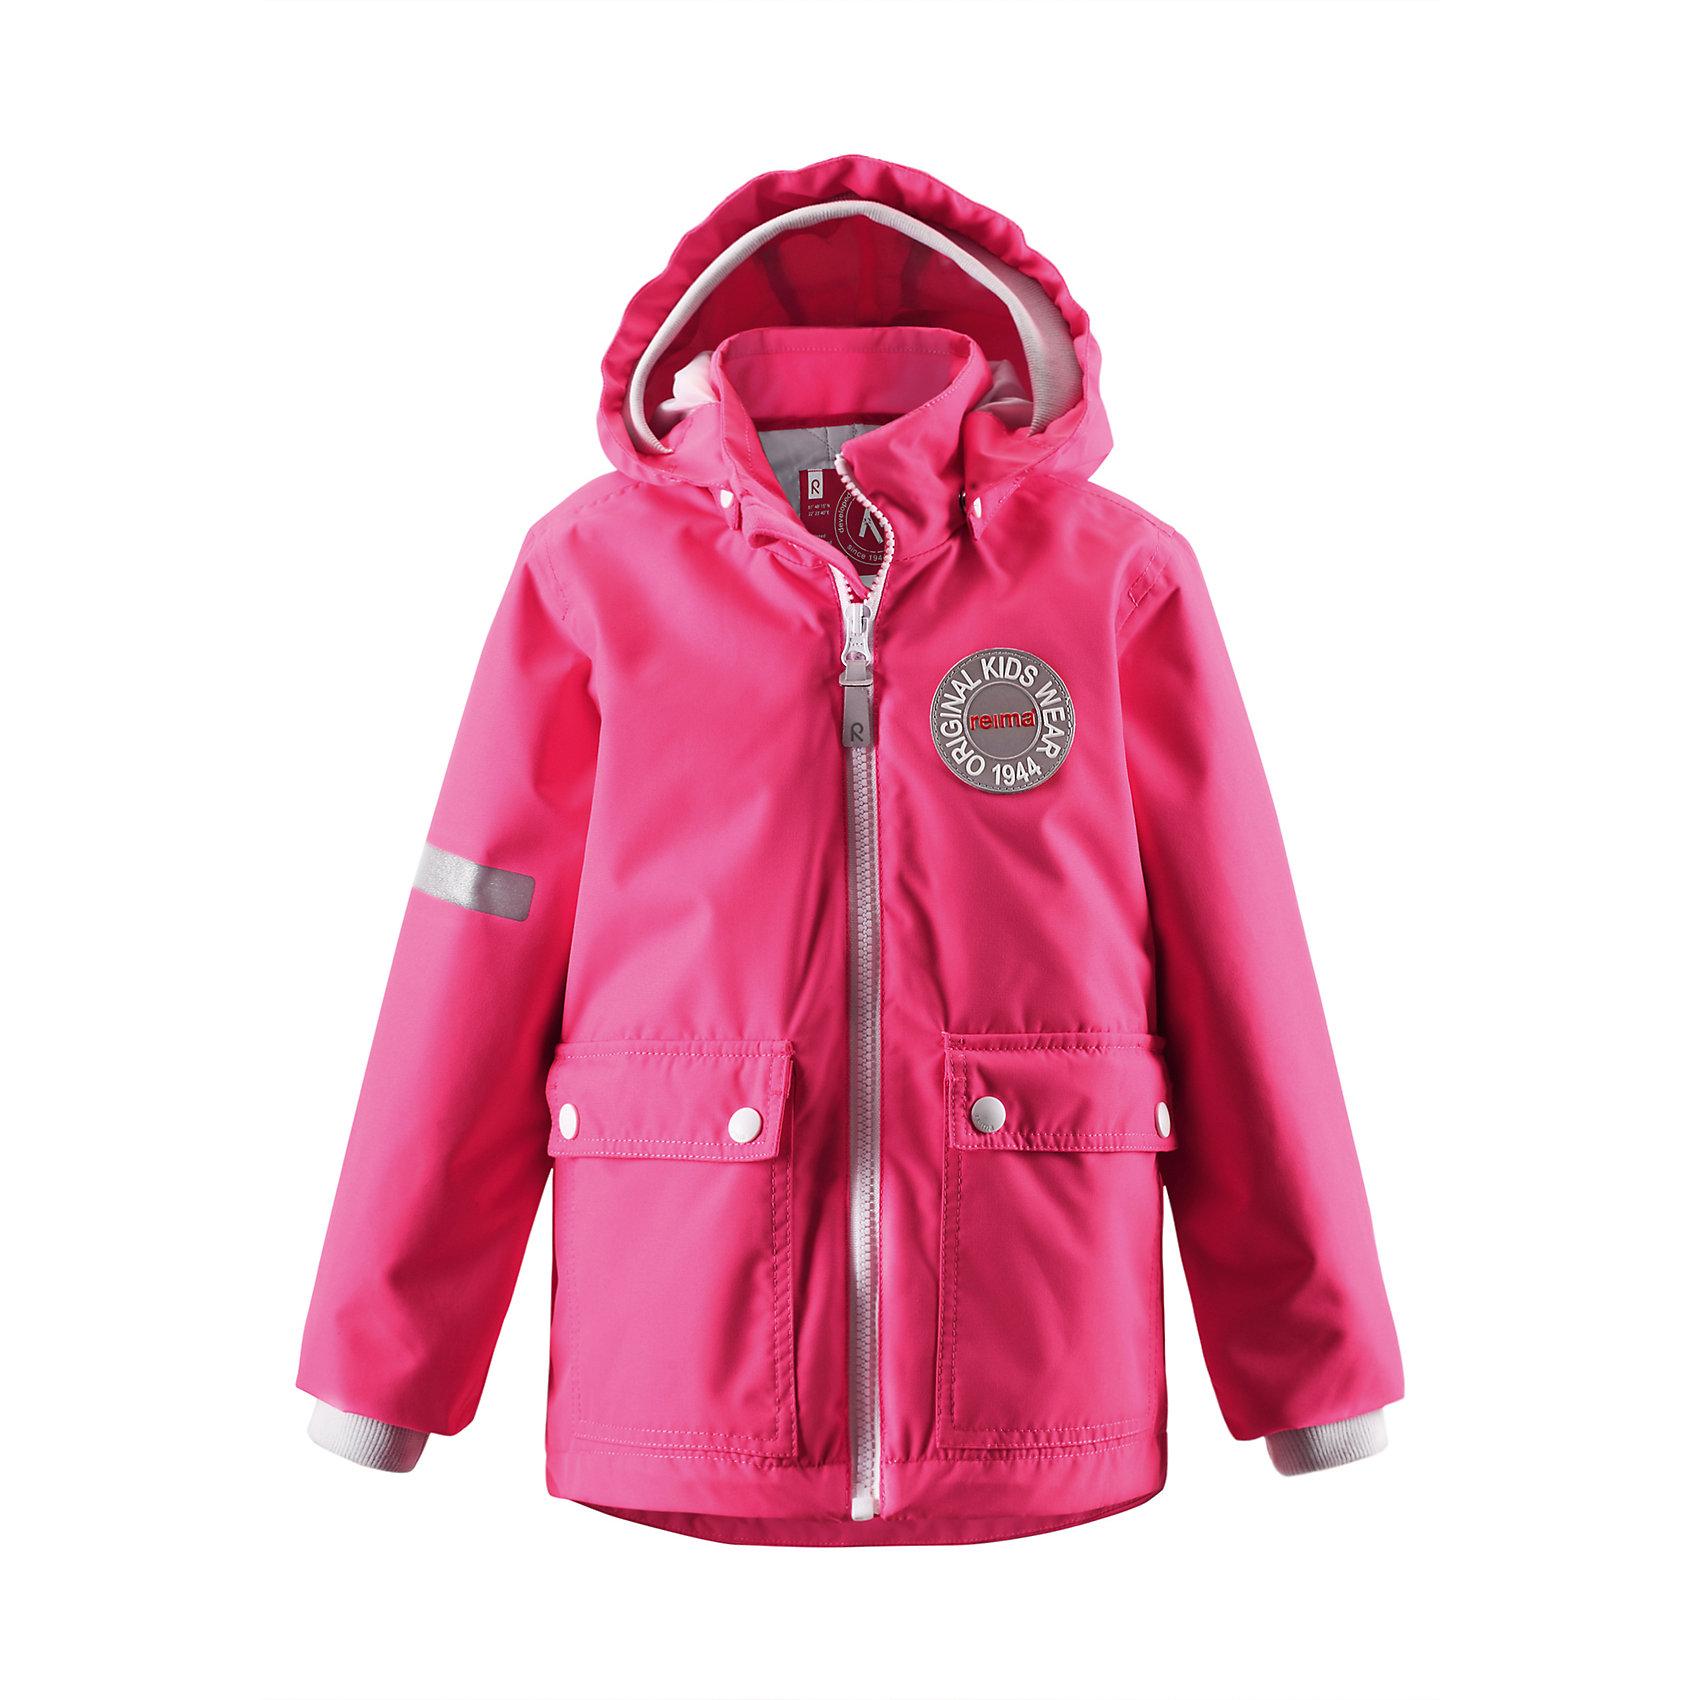 Куртка для девочки ReimaВ детской демисезонной куртке с рисунком Reima® Anniversary дождь не страшен — все основные швы проклеены, водонепроницаемы. Эта куртка идеально подойдет для ранних весенних дней, ведь на улице все еще может быть холодно. С помощью удобной системы кнопок Play Layers® к этой куртке можно присоединять разнообразную одежду промежуточного слоя Reima®. В холодные дни промежуточный слой подарит вашему ребенку дополнительное тепло и комфорт. Благодаря съемной стеганой подкладке куртку также можно превратить в более легкую весеннюю модель. Большие карманы с клапанами и светоотражающие детали выполнены в ретро-стиле 70-х.<br><br>Дополнительная информация:<br><br>Куртка демисезонная для детей<br>Основные швы проклеены и не пропускают влагу<br>Водоотталкивающий, ветронепроницаемый, «дышащий» и грязеотталкивающий материал<br>Съемная, стеганая подкладка<br>Безопасный, отстегивающийся и регулируемый капюшон<br>Мягкая резинка на кромке капюшона и манжетах<br>Карманы с клапанами<br>Безопасные светоотражающие элементы<br>Состав:<br>100% ПЭ, ПУ-покрытие<br>Уход:<br>Стирать по отдельности, вывернув наизнанку. Застегнуть молнии и липучки. Стирать моющим средством, не содержащим отбеливающие вещества. Полоскать без специального средства. Во избежание изменения цвета изделие необходимо вынуть из стиральной машинки незамедлительно после окончания программы стирки. Сушить при низкой температуре.<br><br>Ширина мм: 356<br>Глубина мм: 10<br>Высота мм: 245<br>Вес г: 519<br>Цвет: розовый<br>Возраст от месяцев: 72<br>Возраст до месяцев: 84<br>Пол: Женский<br>Возраст: Детский<br>Размер: 128,134,140,92,98,110,122,116,104<br>SKU: 4496793